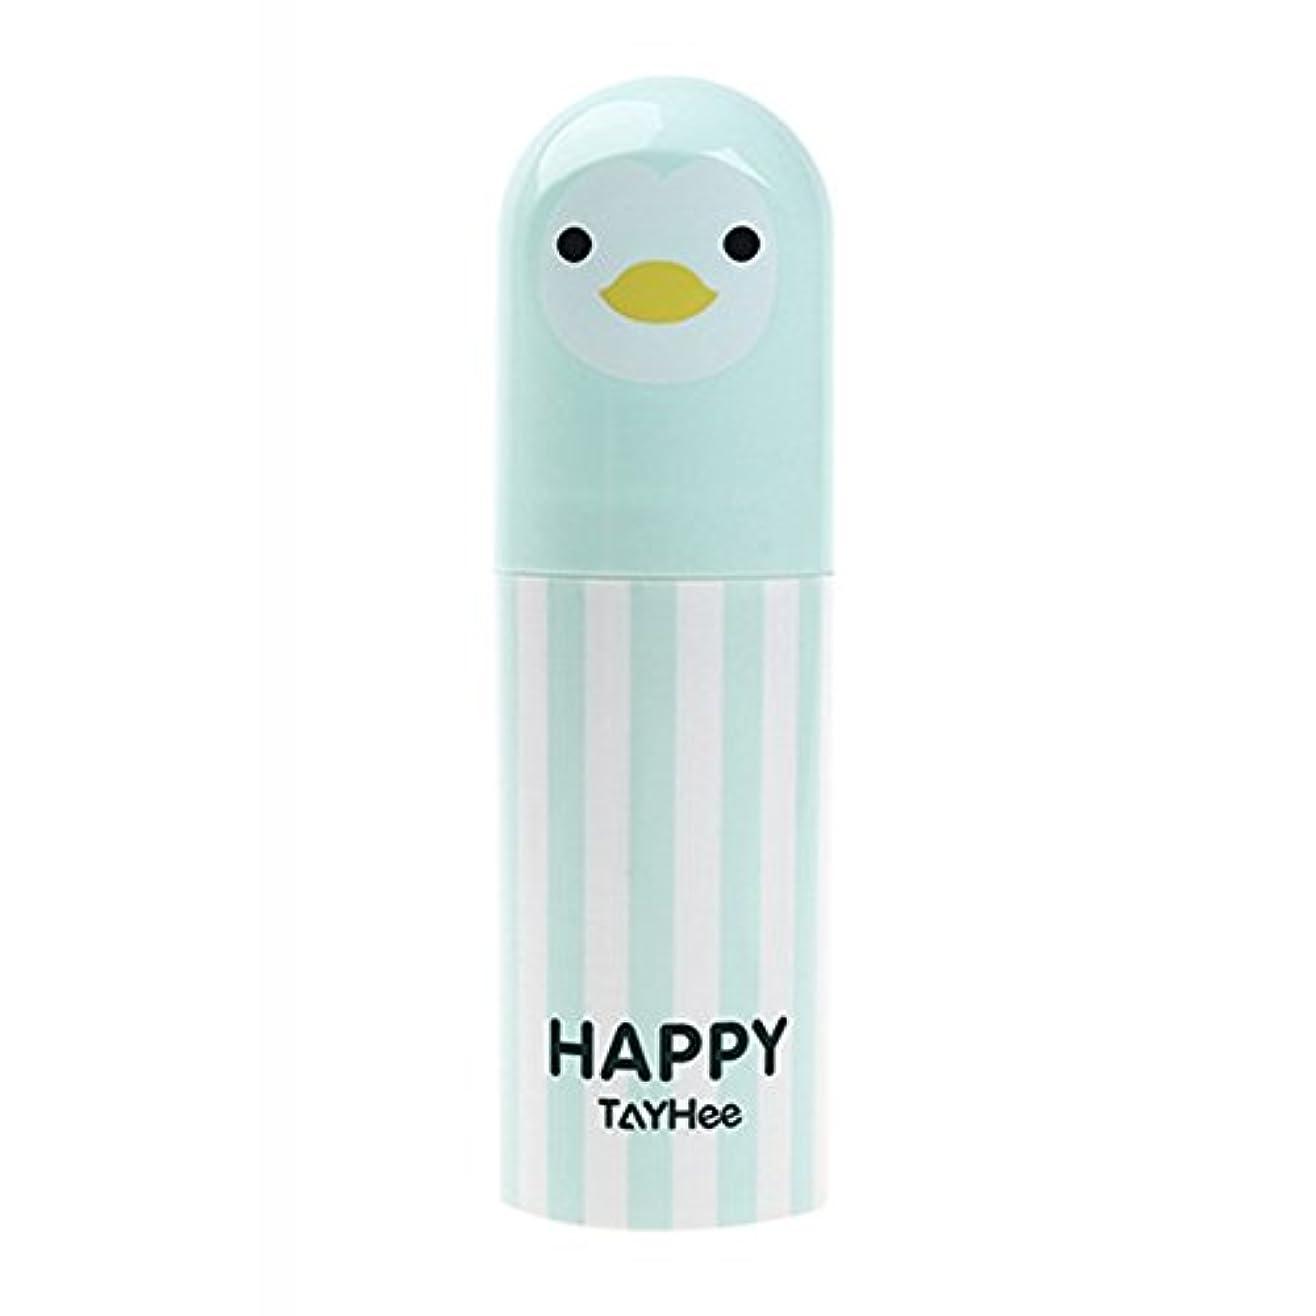 同意土砂降り息切れpotato001ポータブル可愛い漫画ペンギン歯ブラシ歯磨き粉ホルダー旅行ストレージケース one size グリーン N4RJ952917WK10WPO5Z